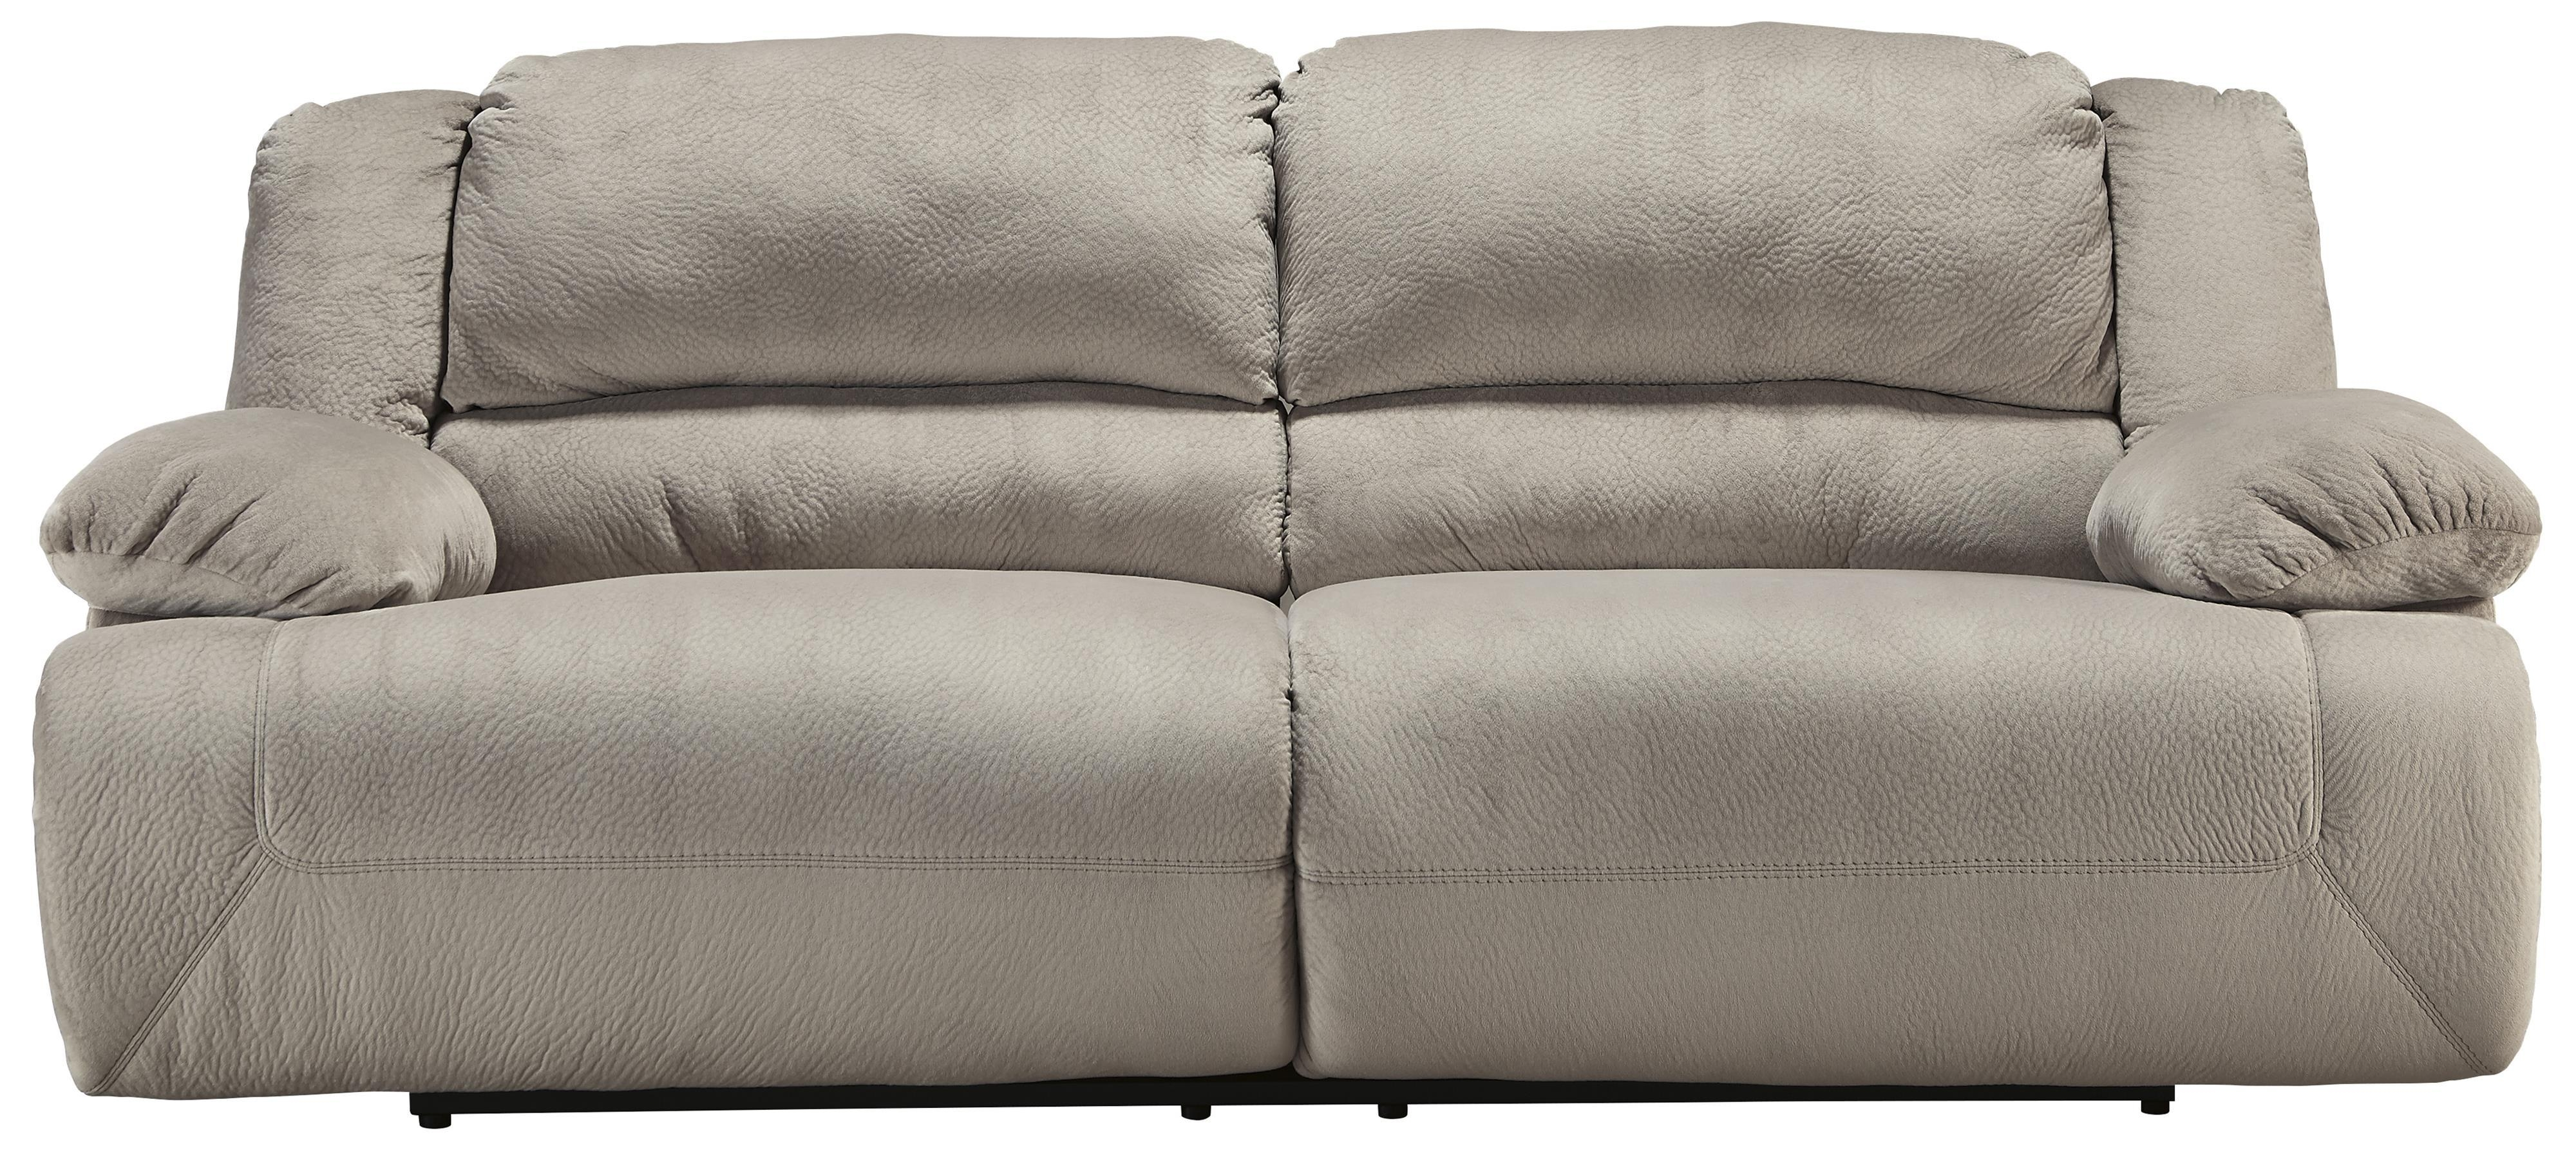 Signature Designashley Toletta – Granite Casual Contemporary 2 With Regard To 2 Seat Recliner Sofas (Image 10 of 20)